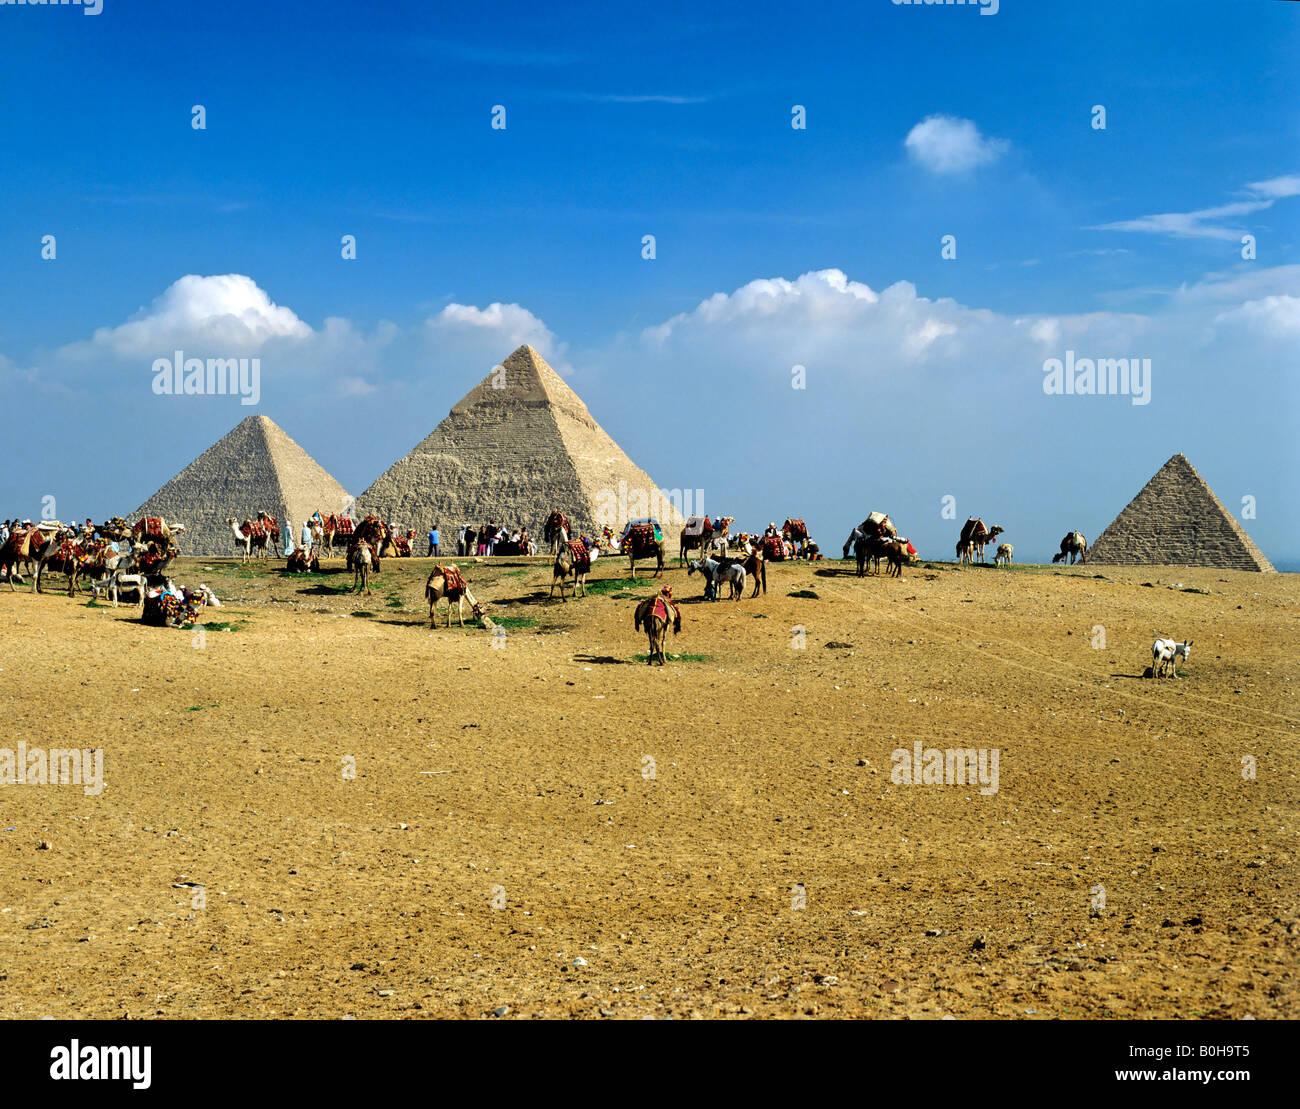 Pirámide de Giza compleja, Khufu, Khafra, Menkorah pirámides en El Cairo, Egipto Imagen De Stock